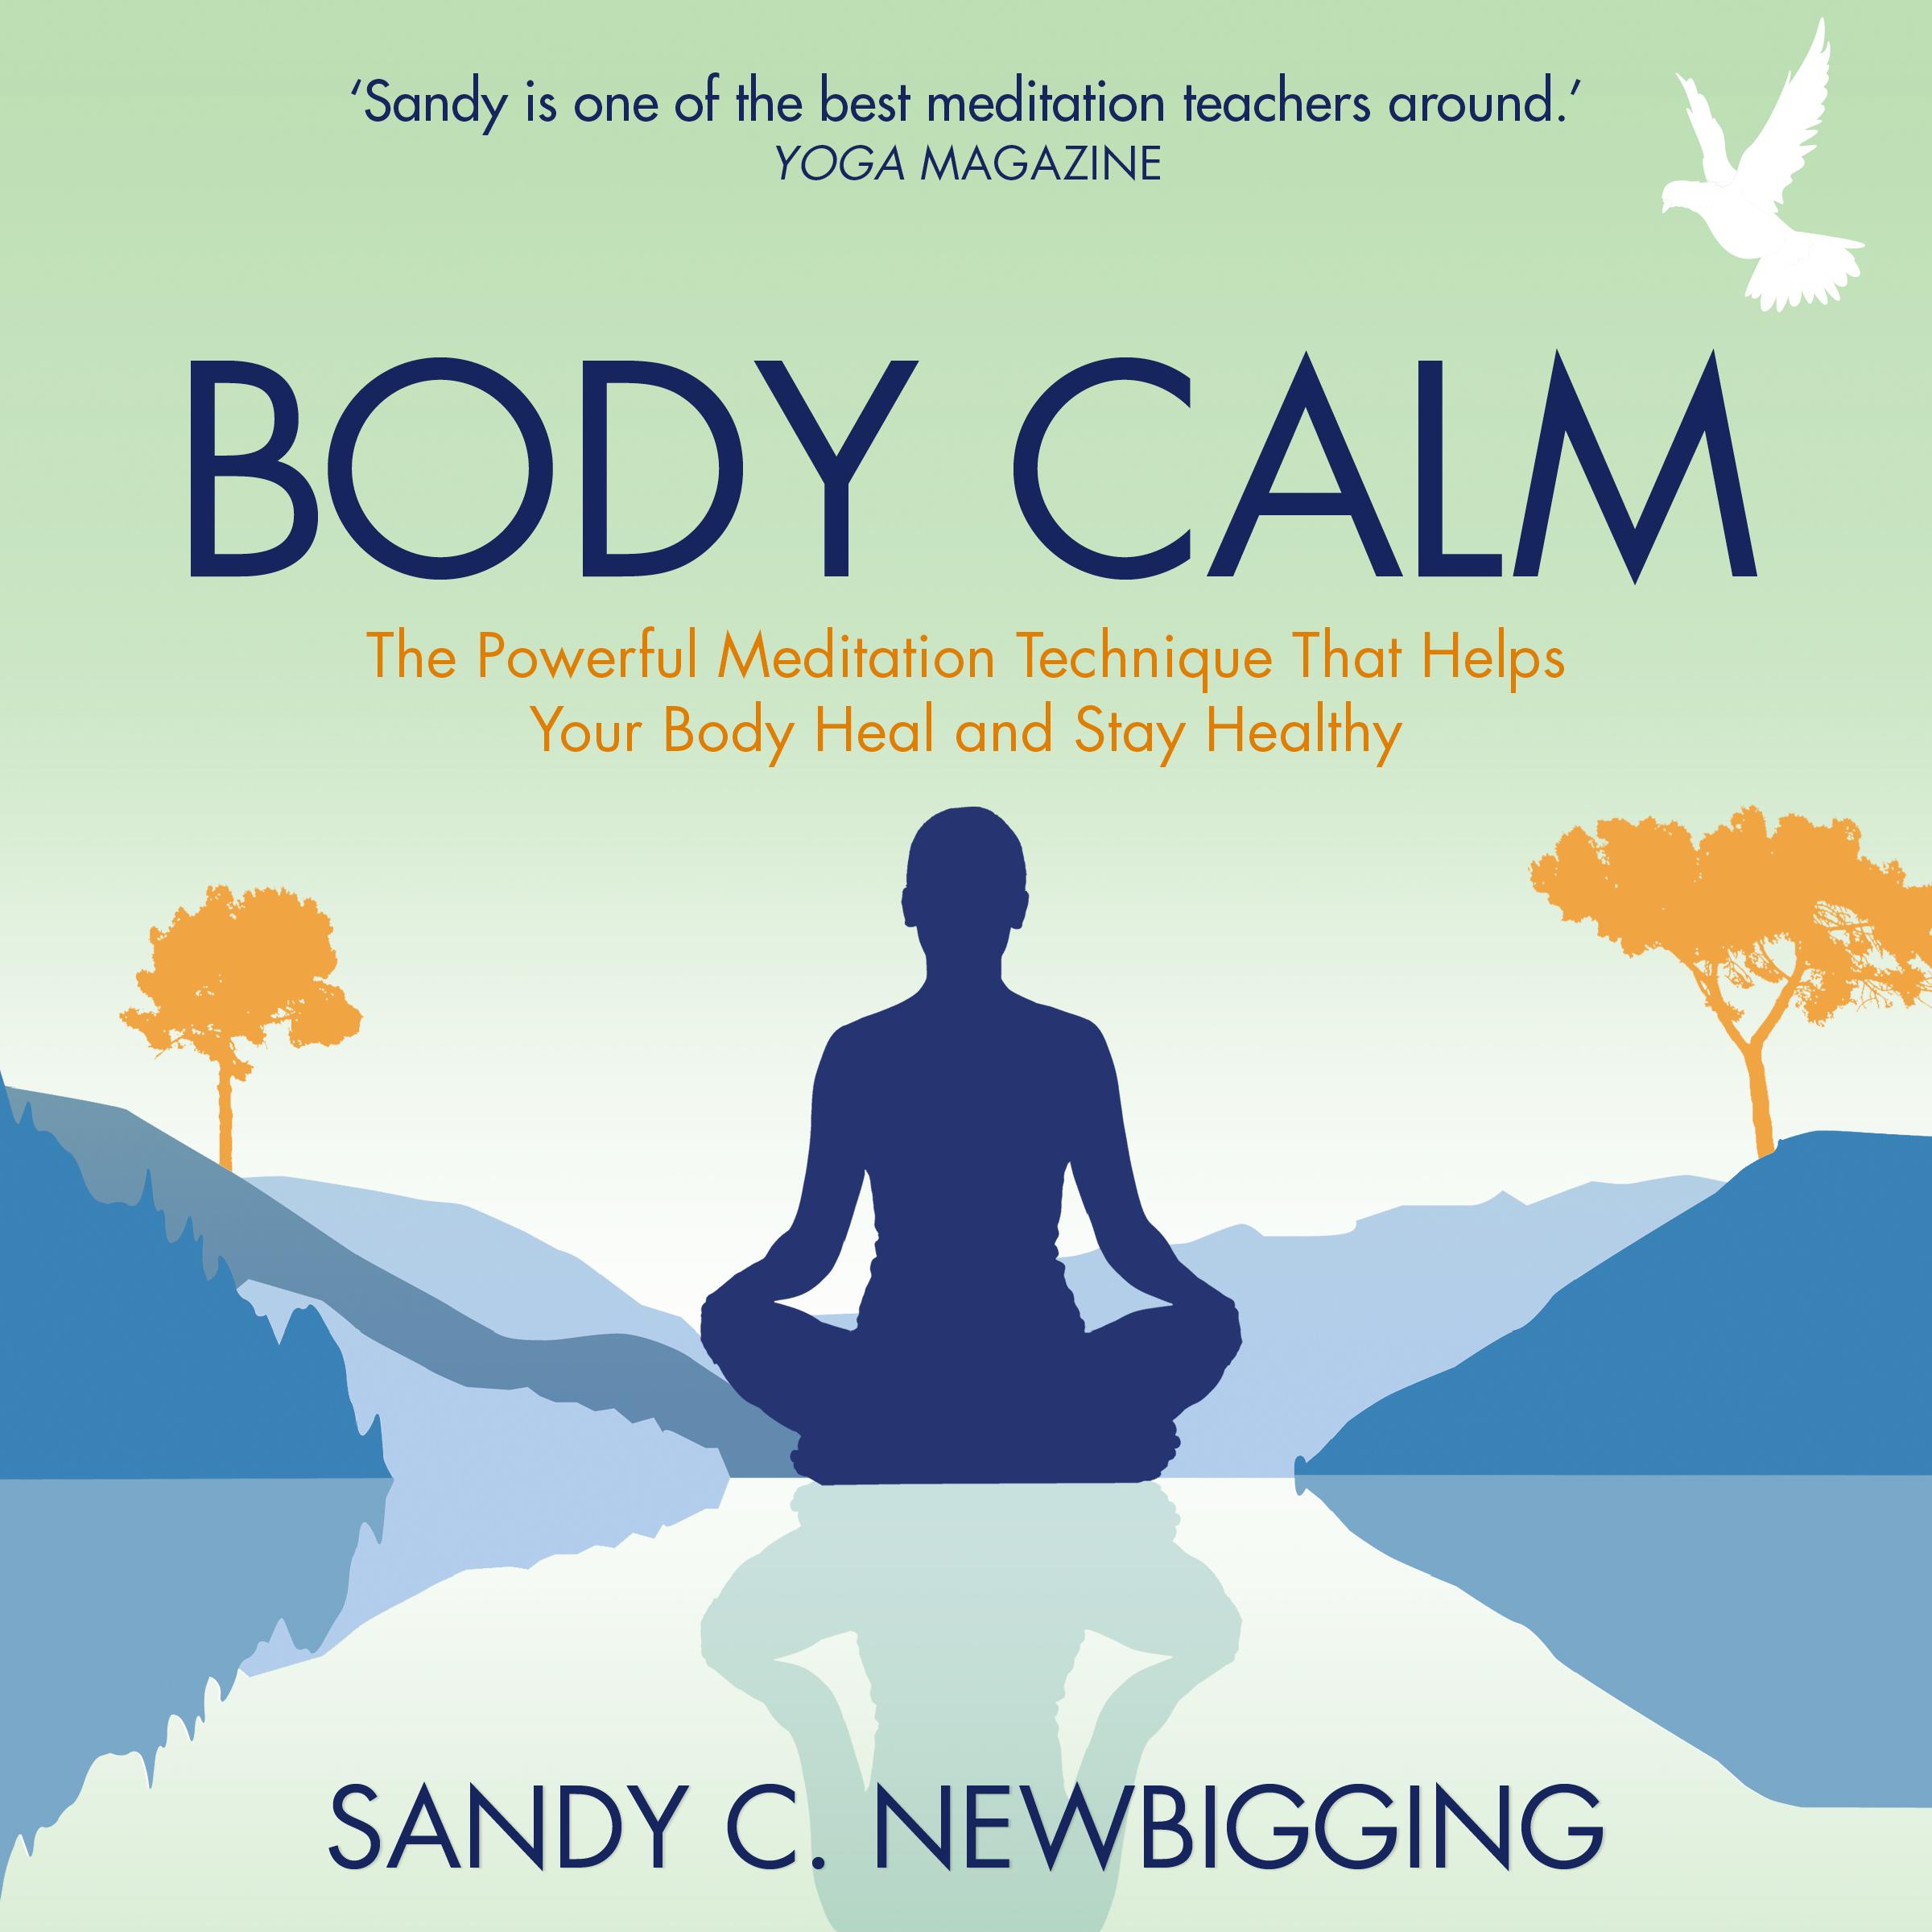 Body Calm 2400x2400.jpg